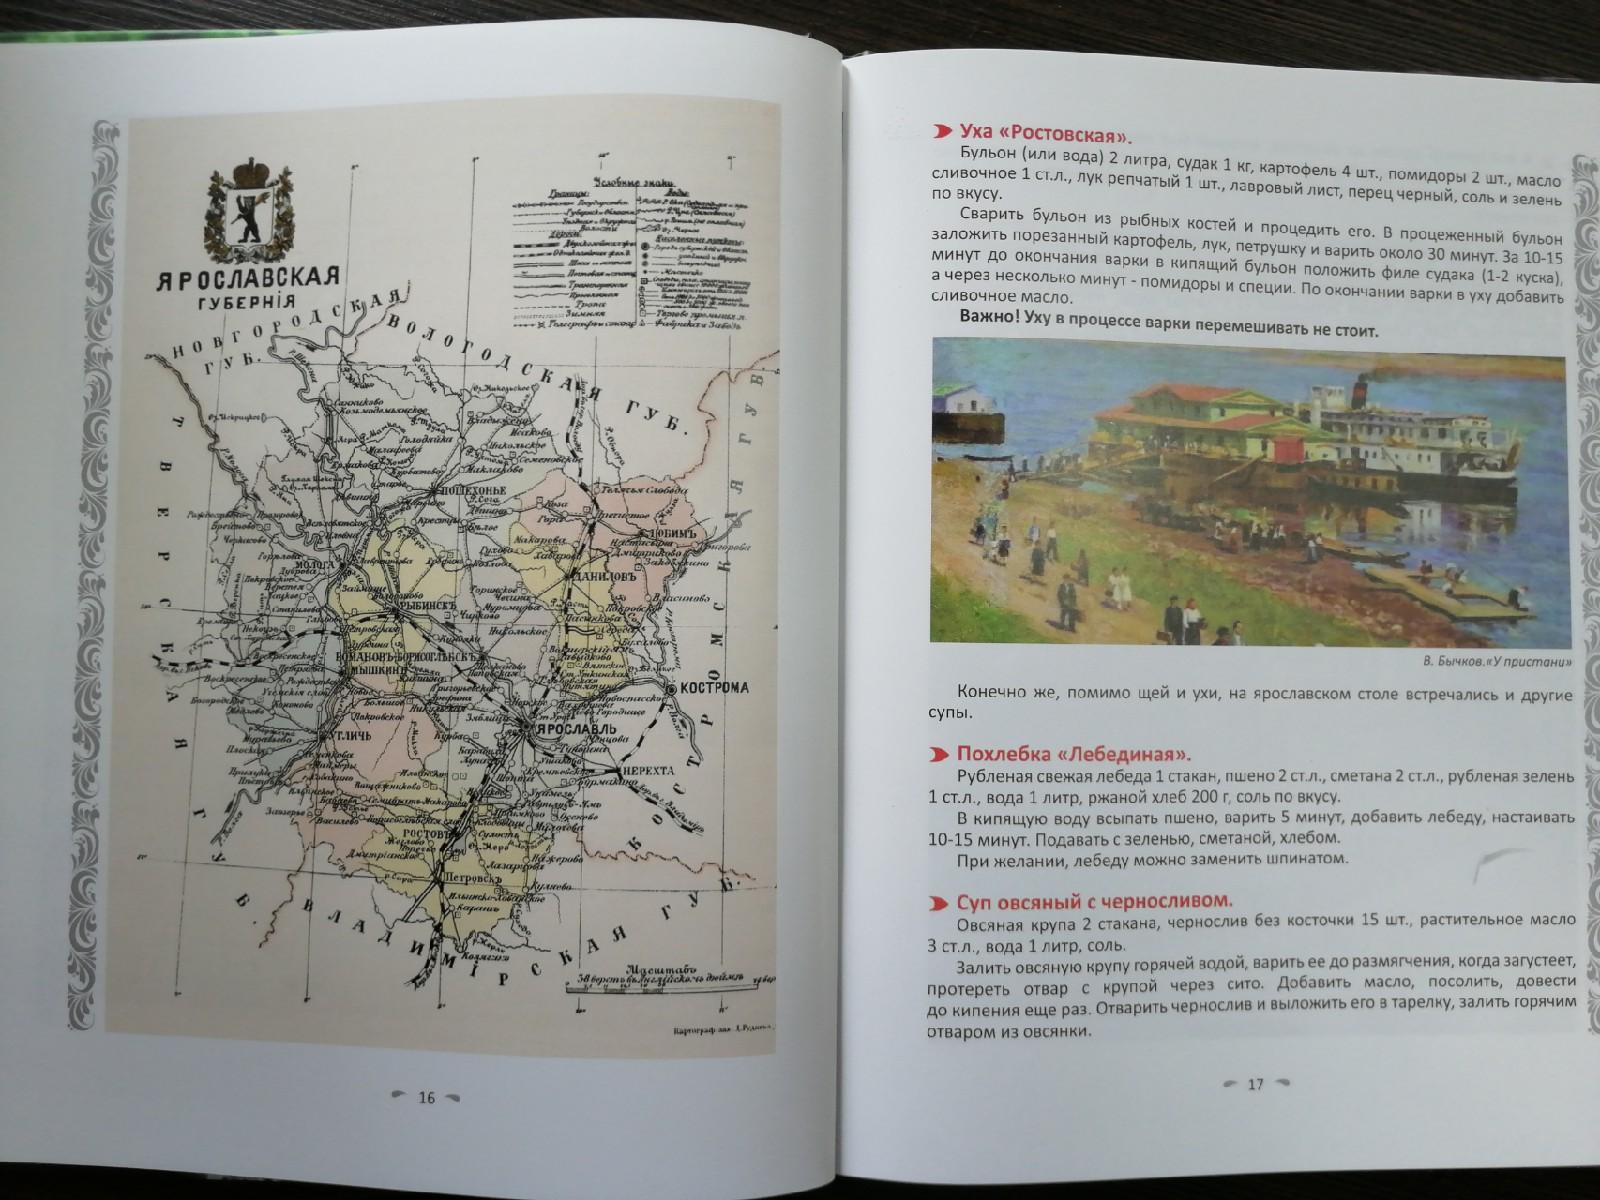 В Ярославле презентовали книгу о региональной кухне